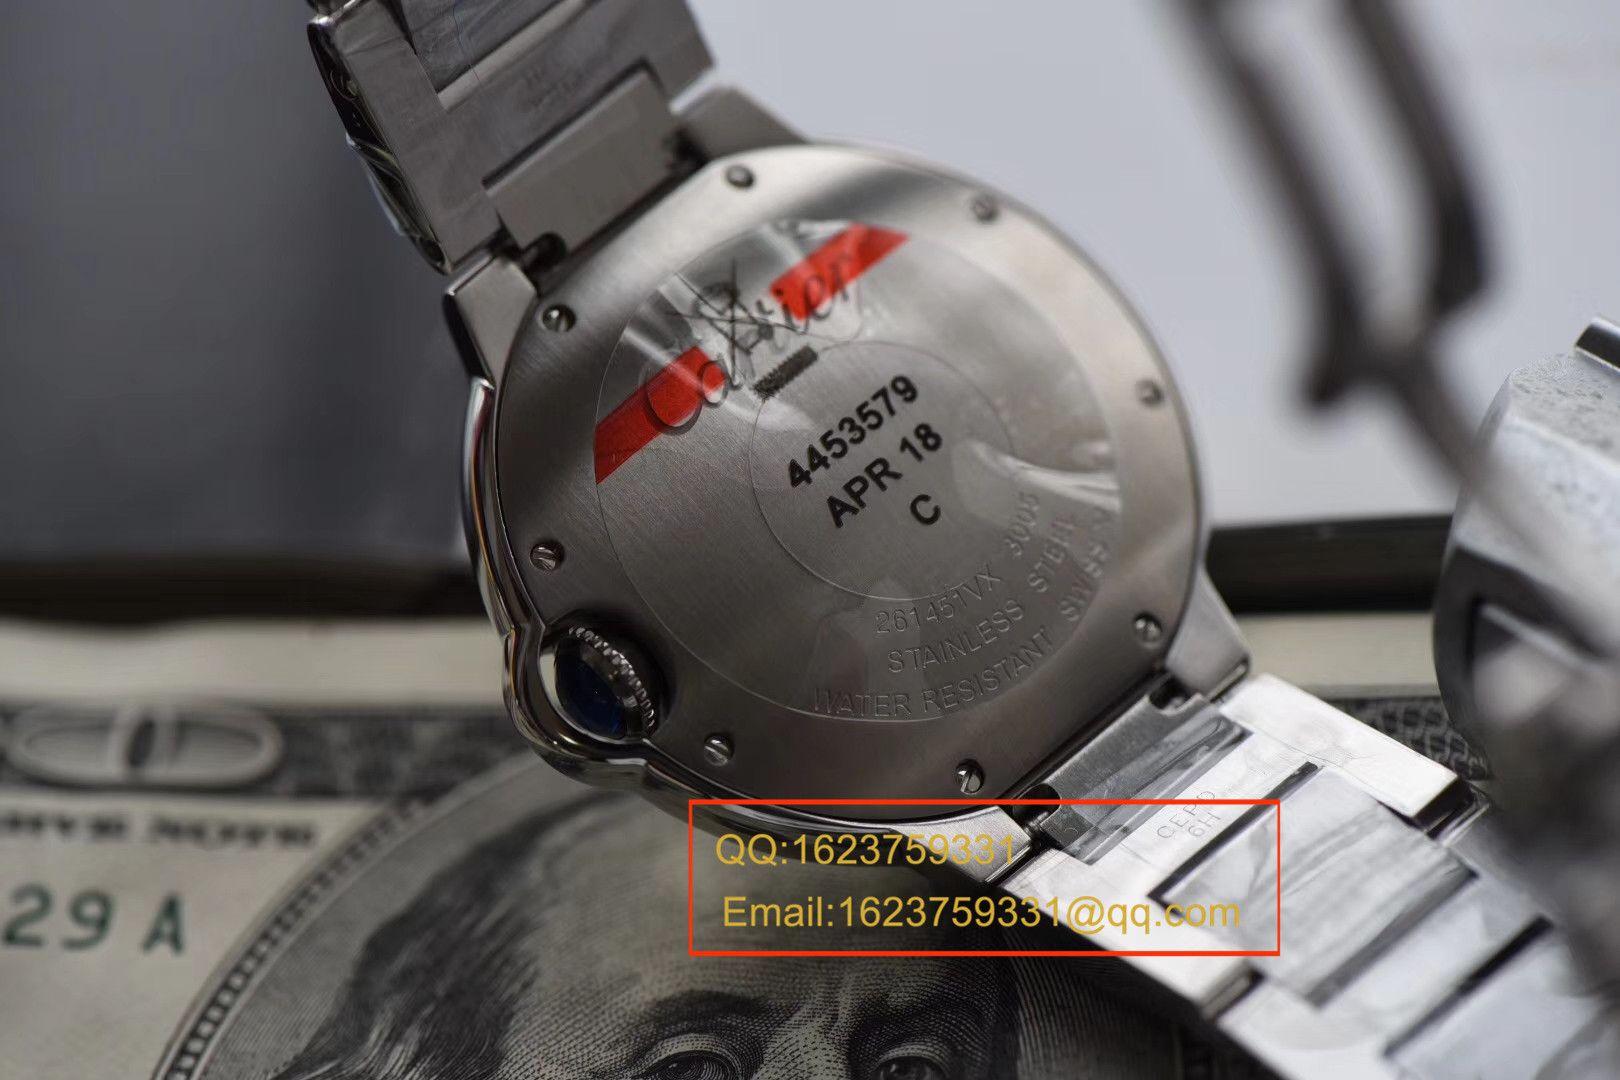 【视频评测HBBV6厂一比一超A高仿手表】卡地亚蓝气球系列W69011Z4女士36毫米石英腕表